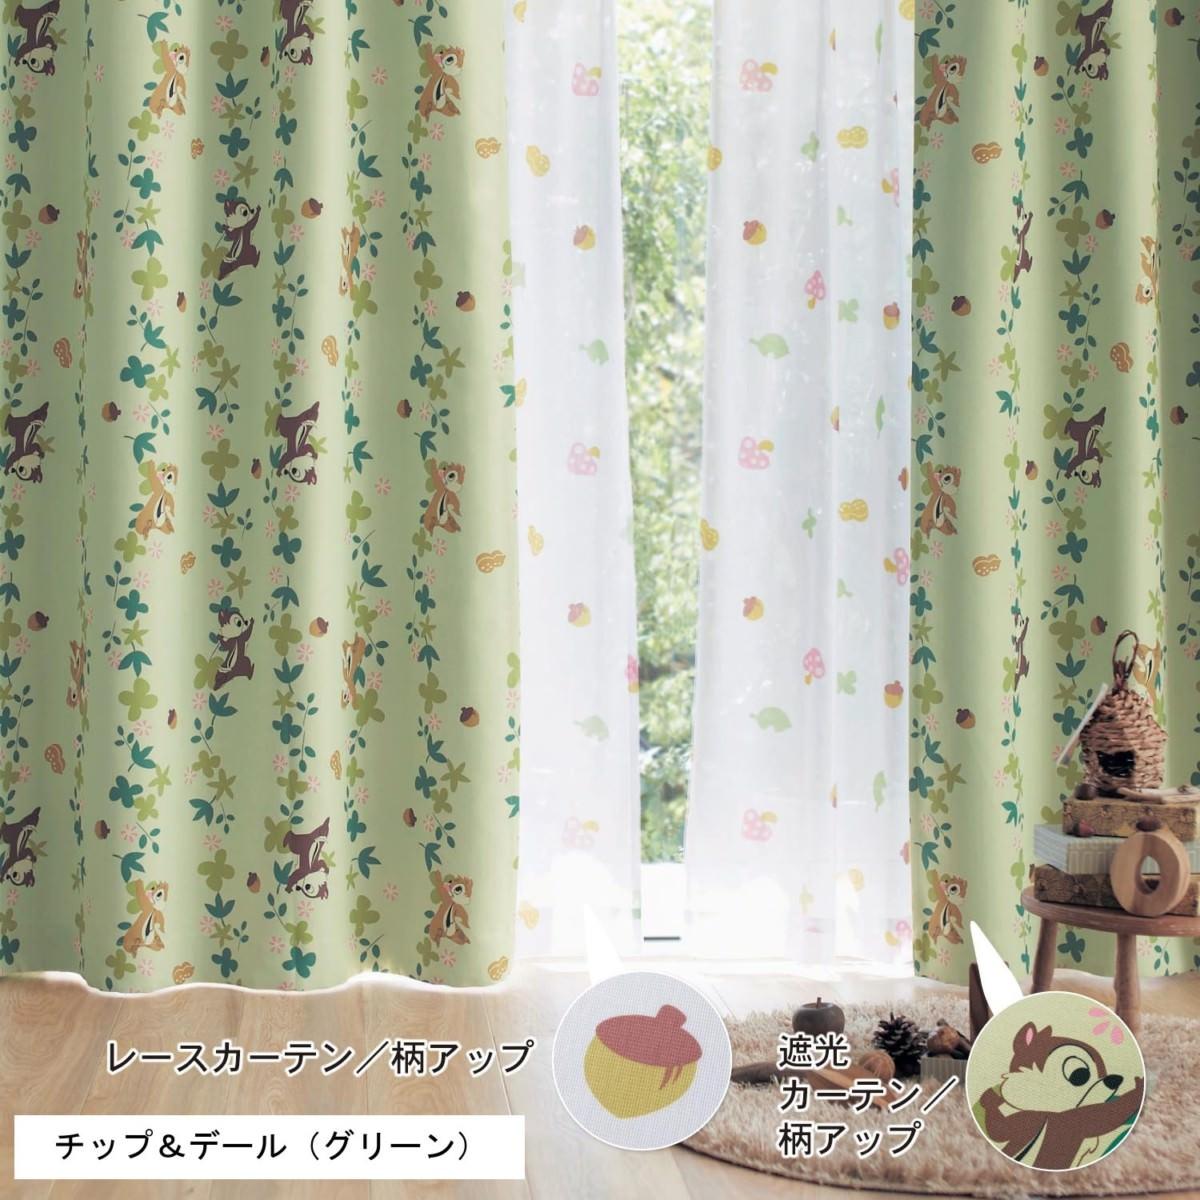 遮光カーテン&UVカット・ミラーレースカーテンセット チップデール